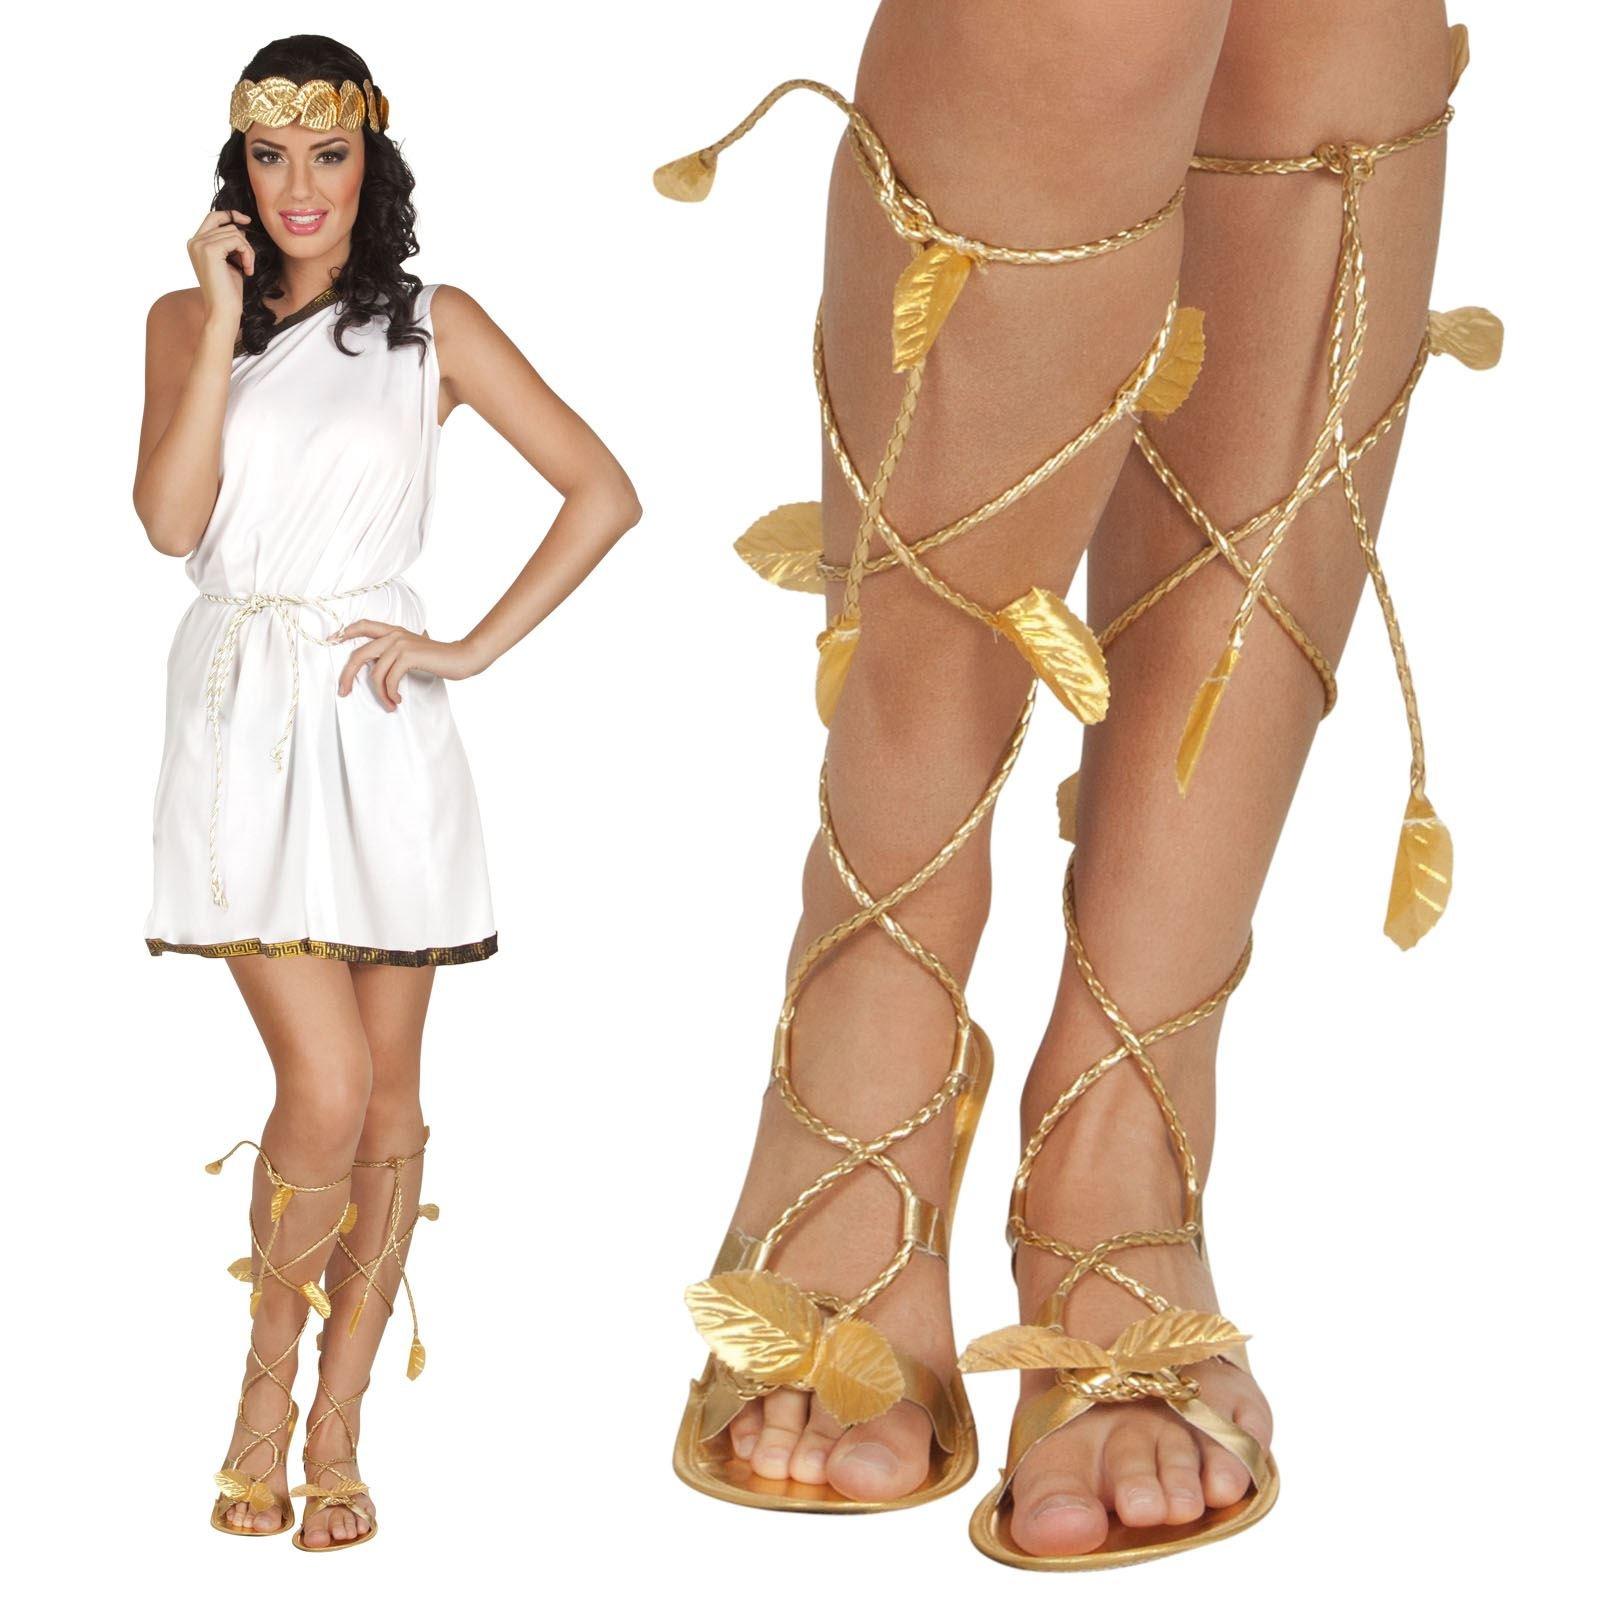 FANCY DRESS Goddess Leg Wraps